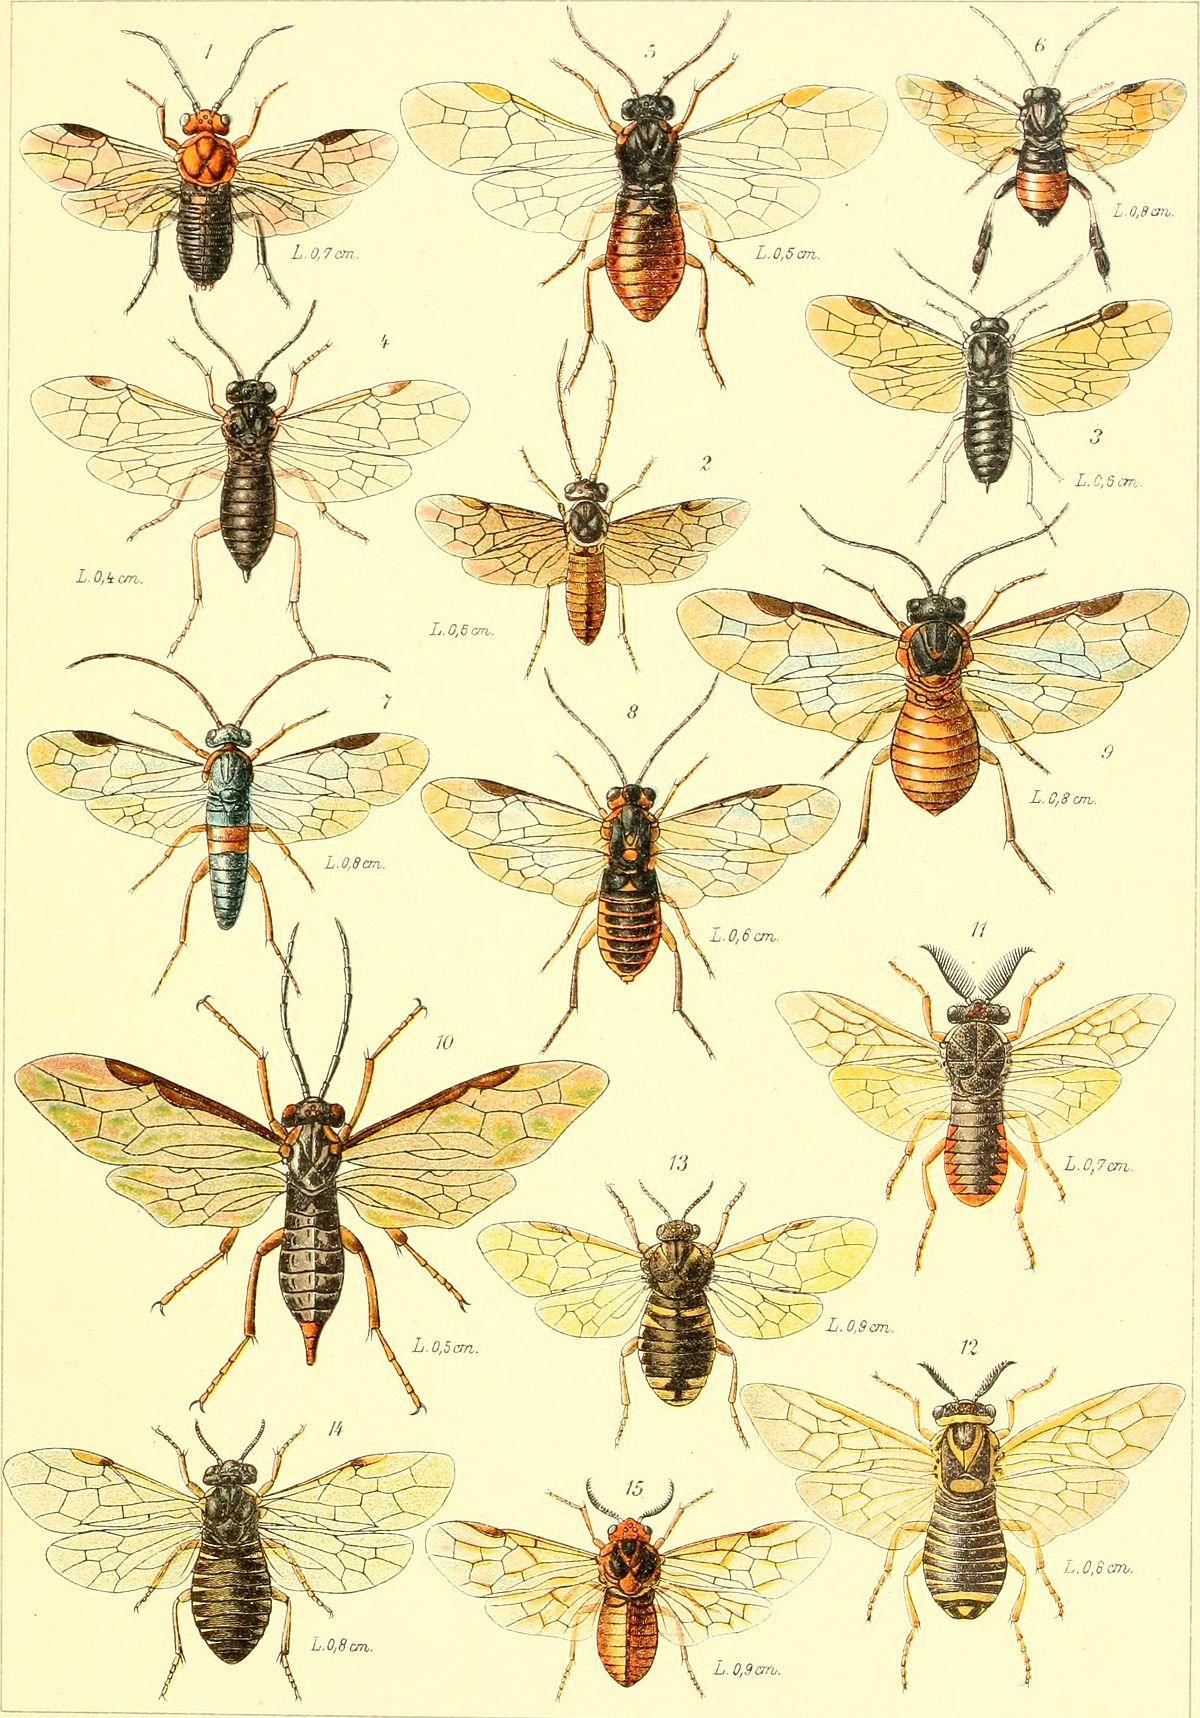 en datation des fossiles de pollen et de coléoptères qu'est-ce que vous obtenez un gars de votre datation pour son anniversaire